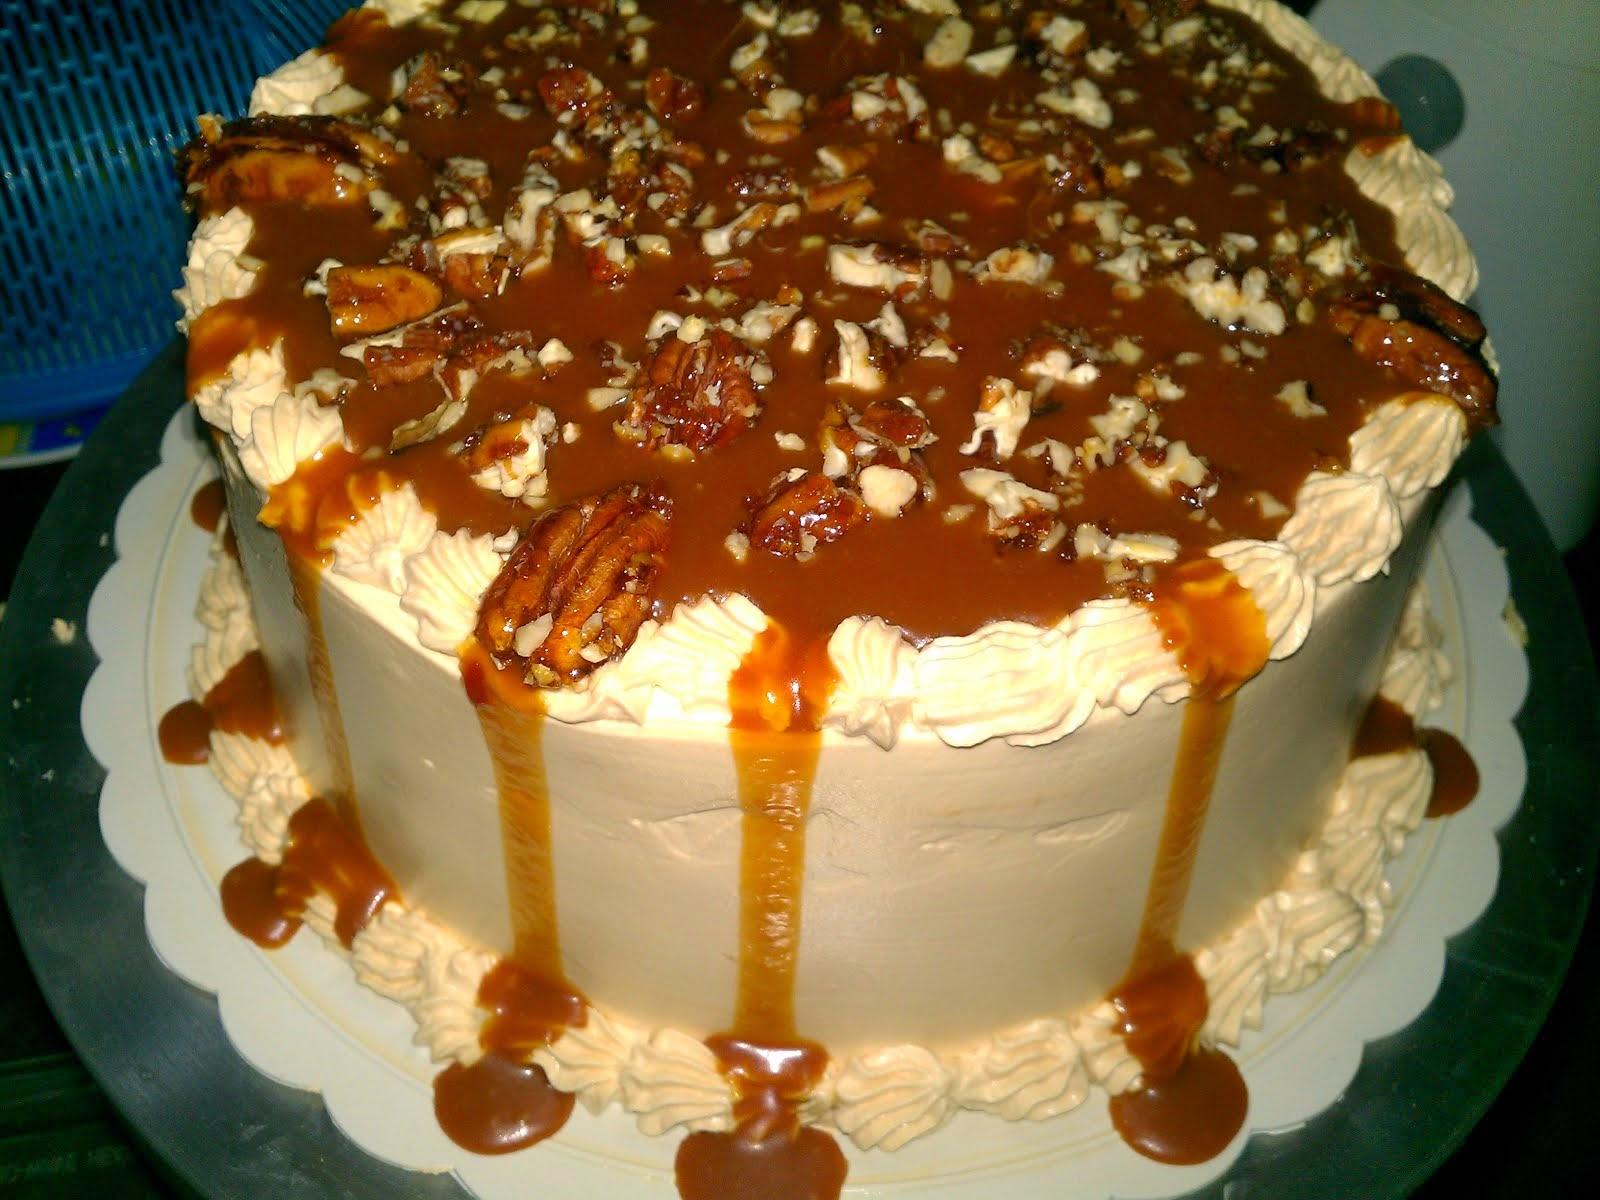 Cake Pecan Butterscotch